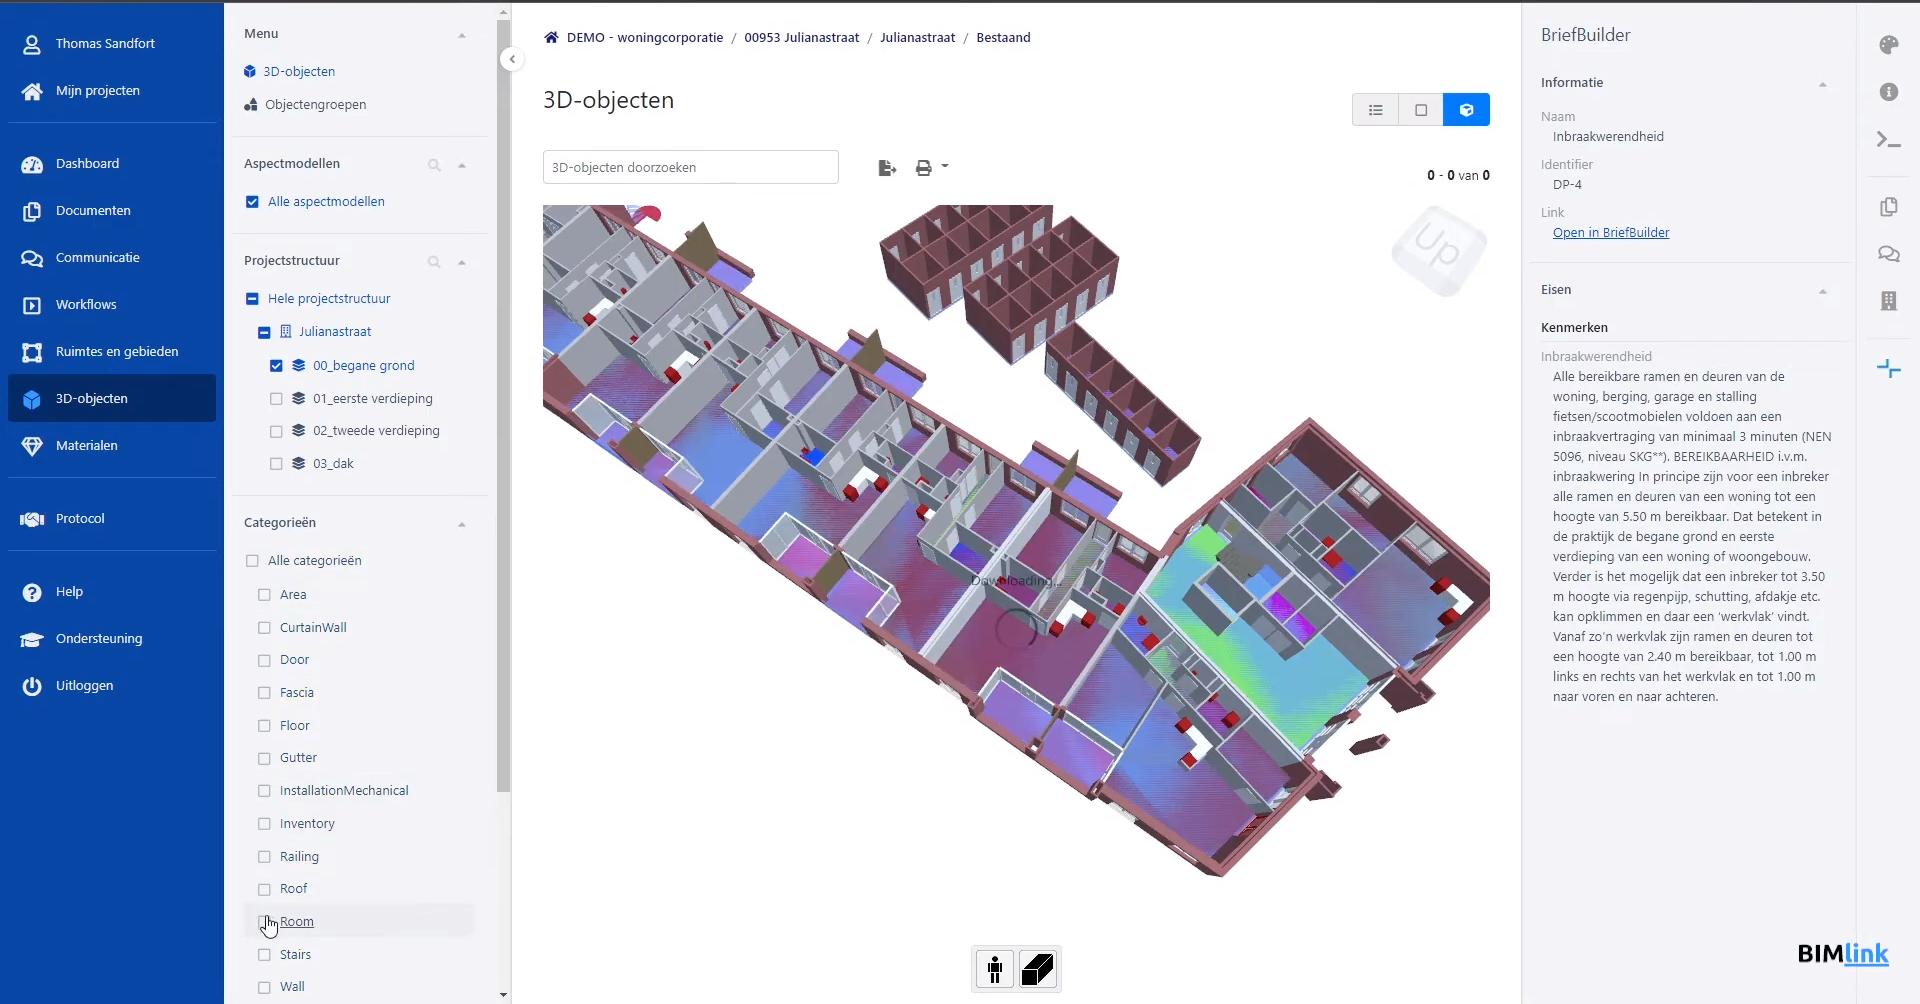 Koppeling BIMlink en BriefBuilder maakt gebouweisen onderdeel van 3D BIM-model